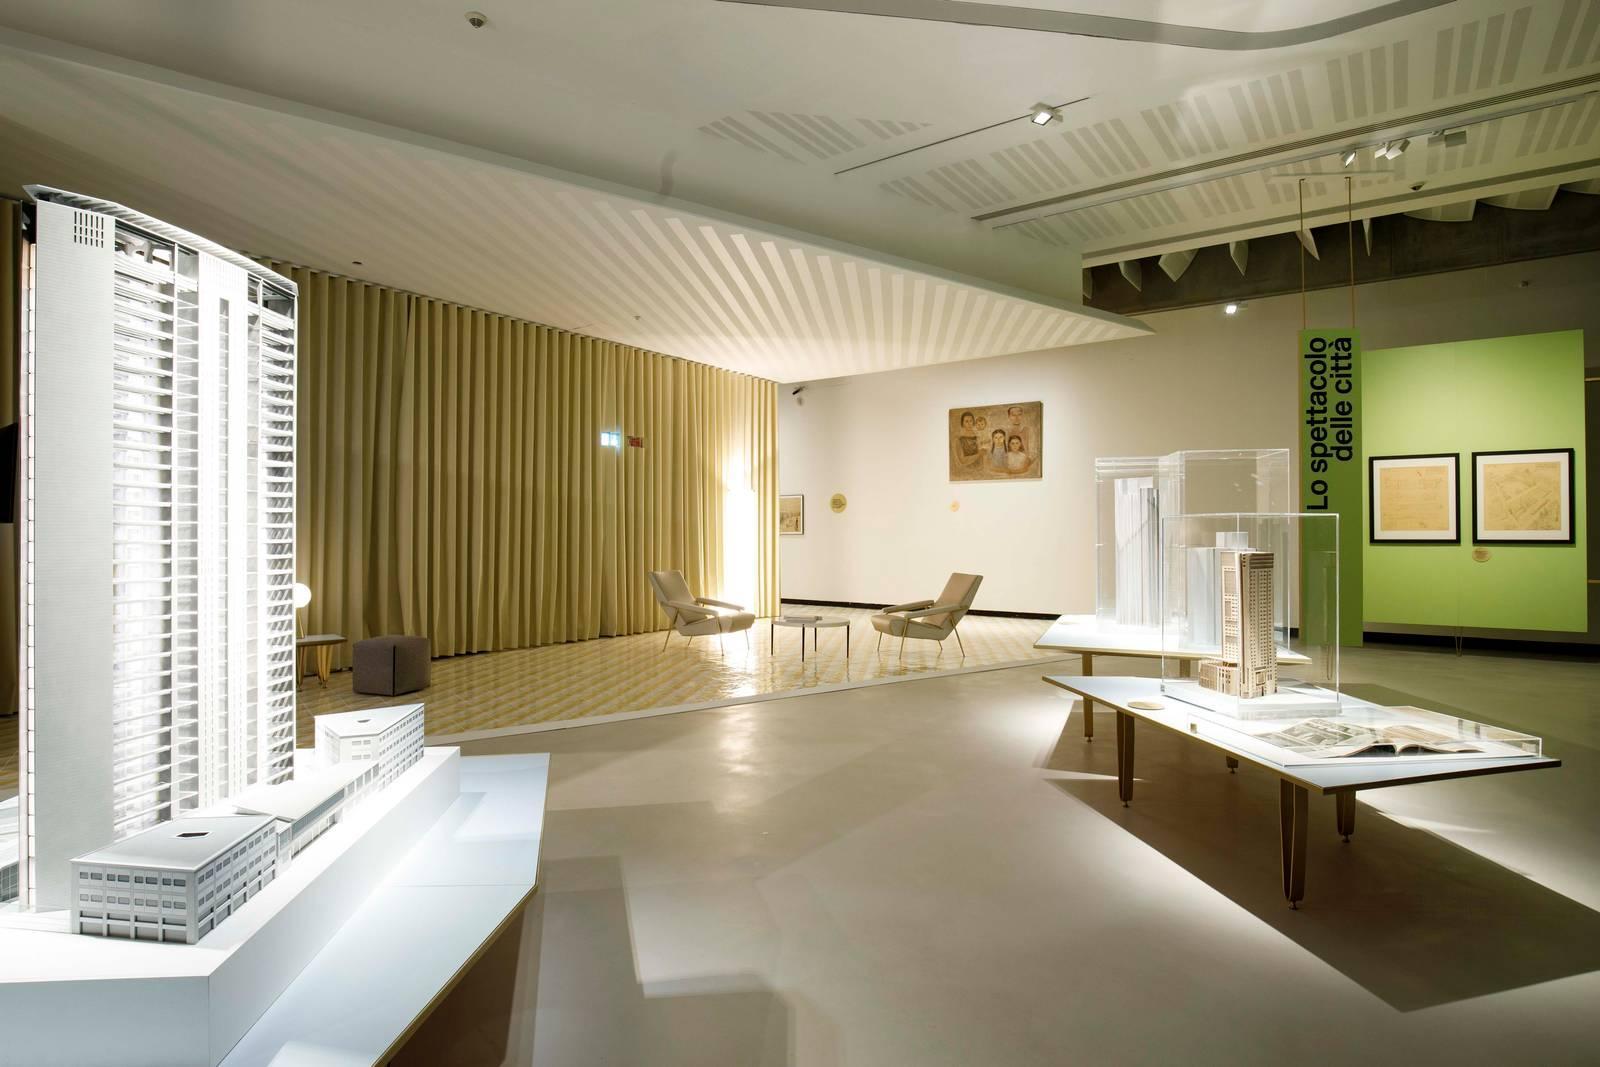 Architettura Case Moderne Idee amare l'architettura. gio ponti al maxxi di roma. la mostra